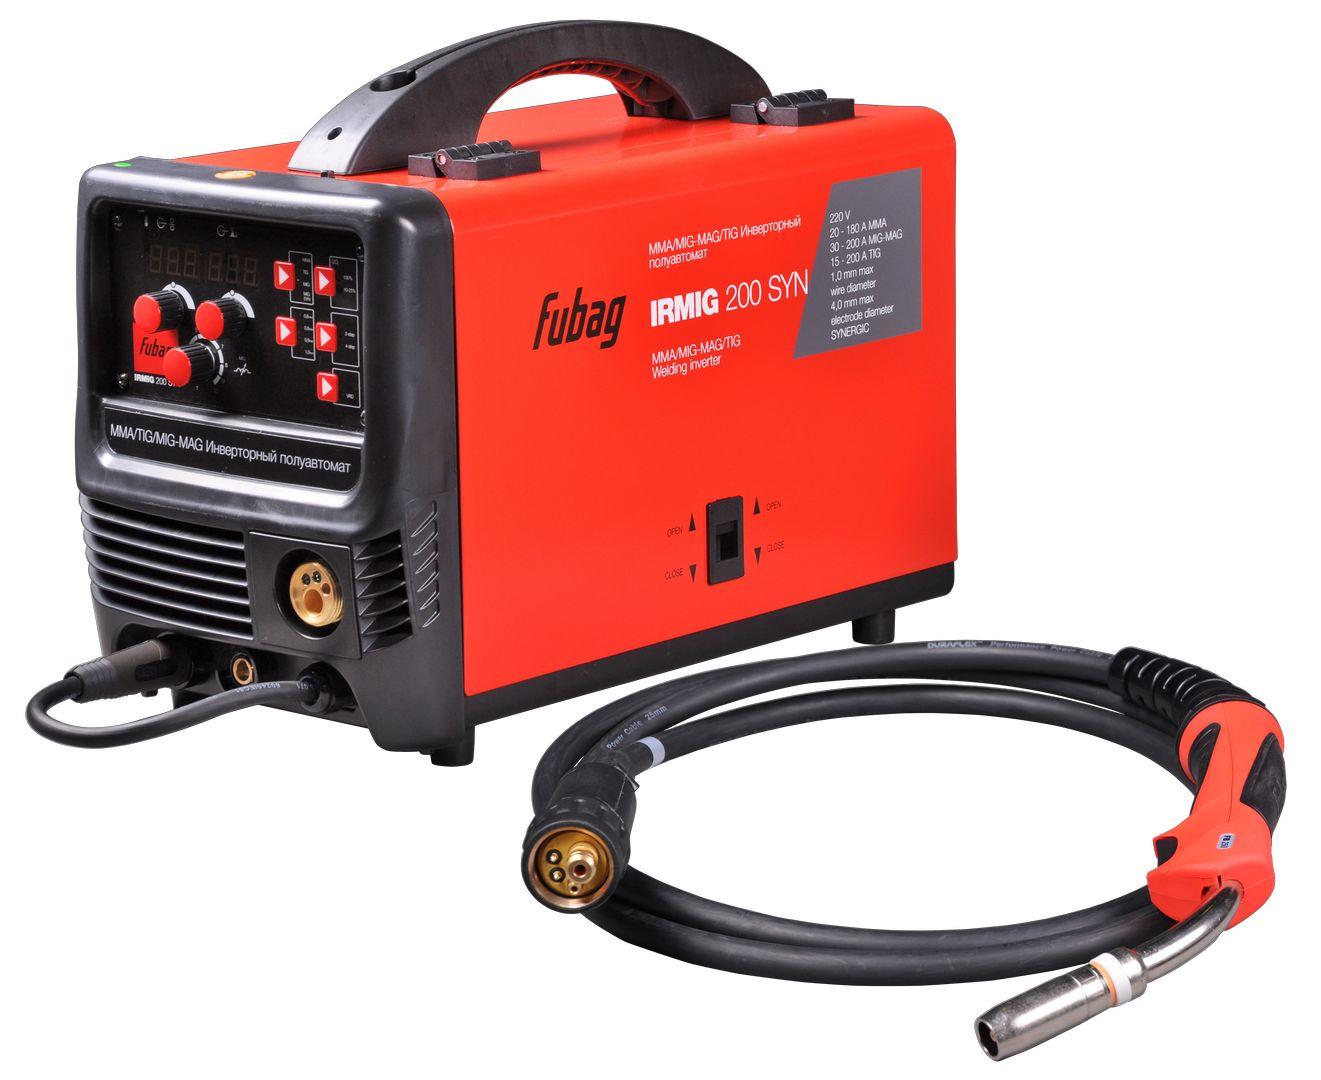 Сварочный аппарат FUBAG IRMIG 200 SYN, красный, черный